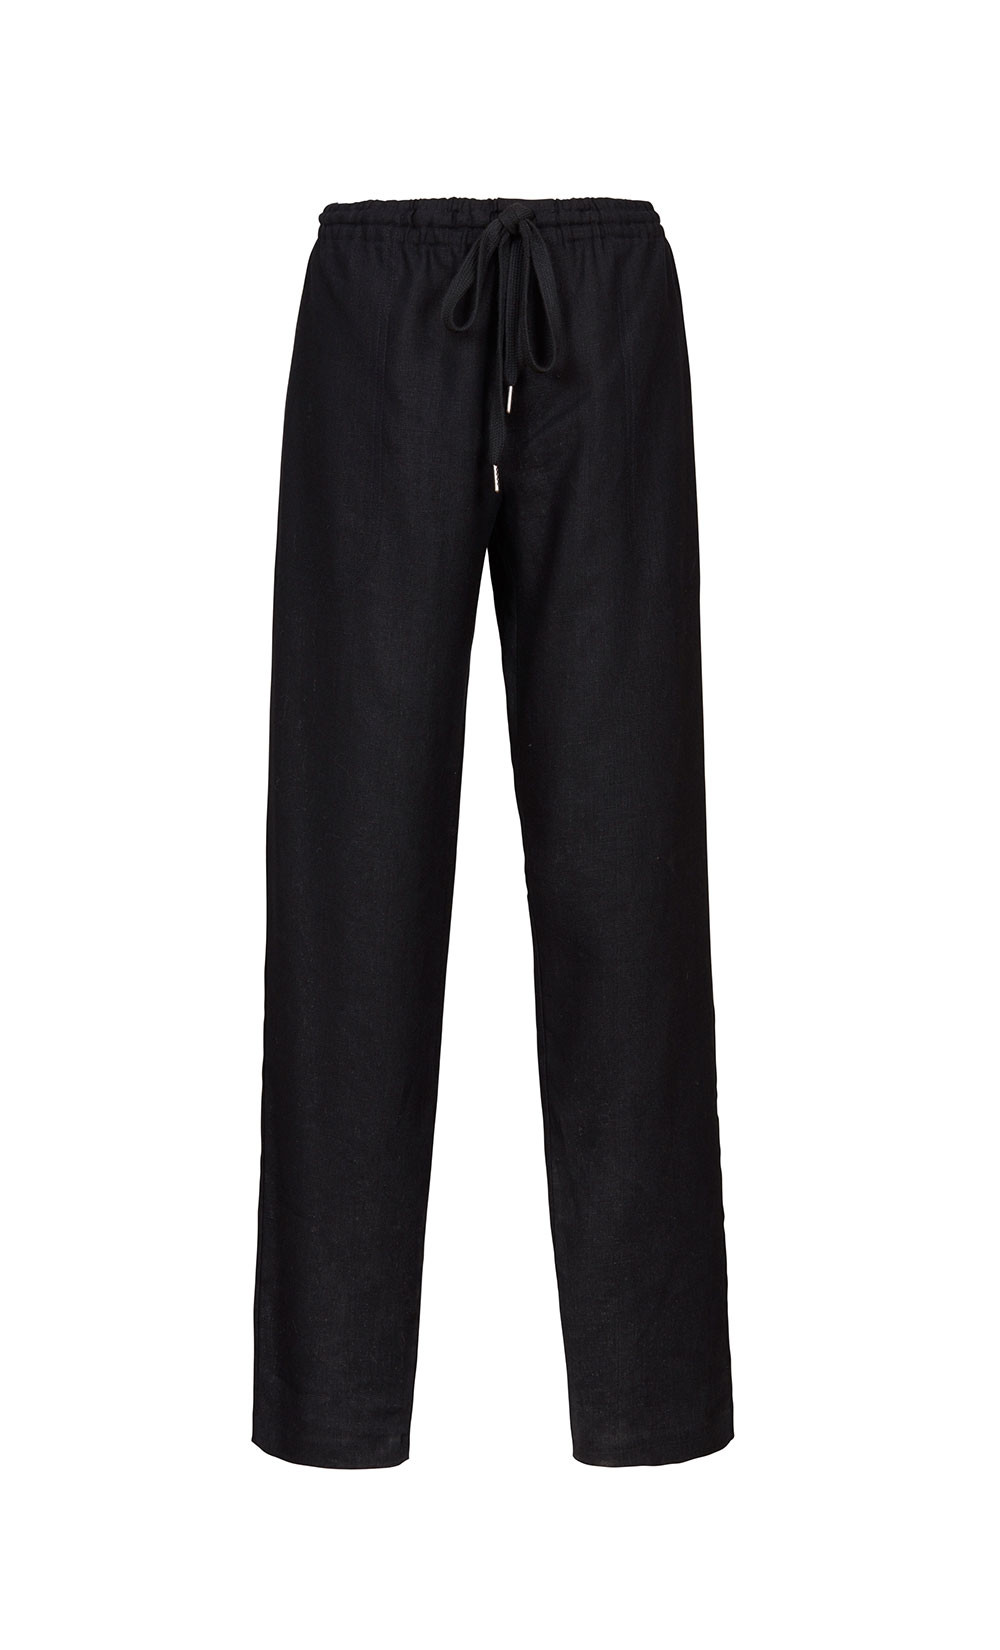 Aikido Linen pants